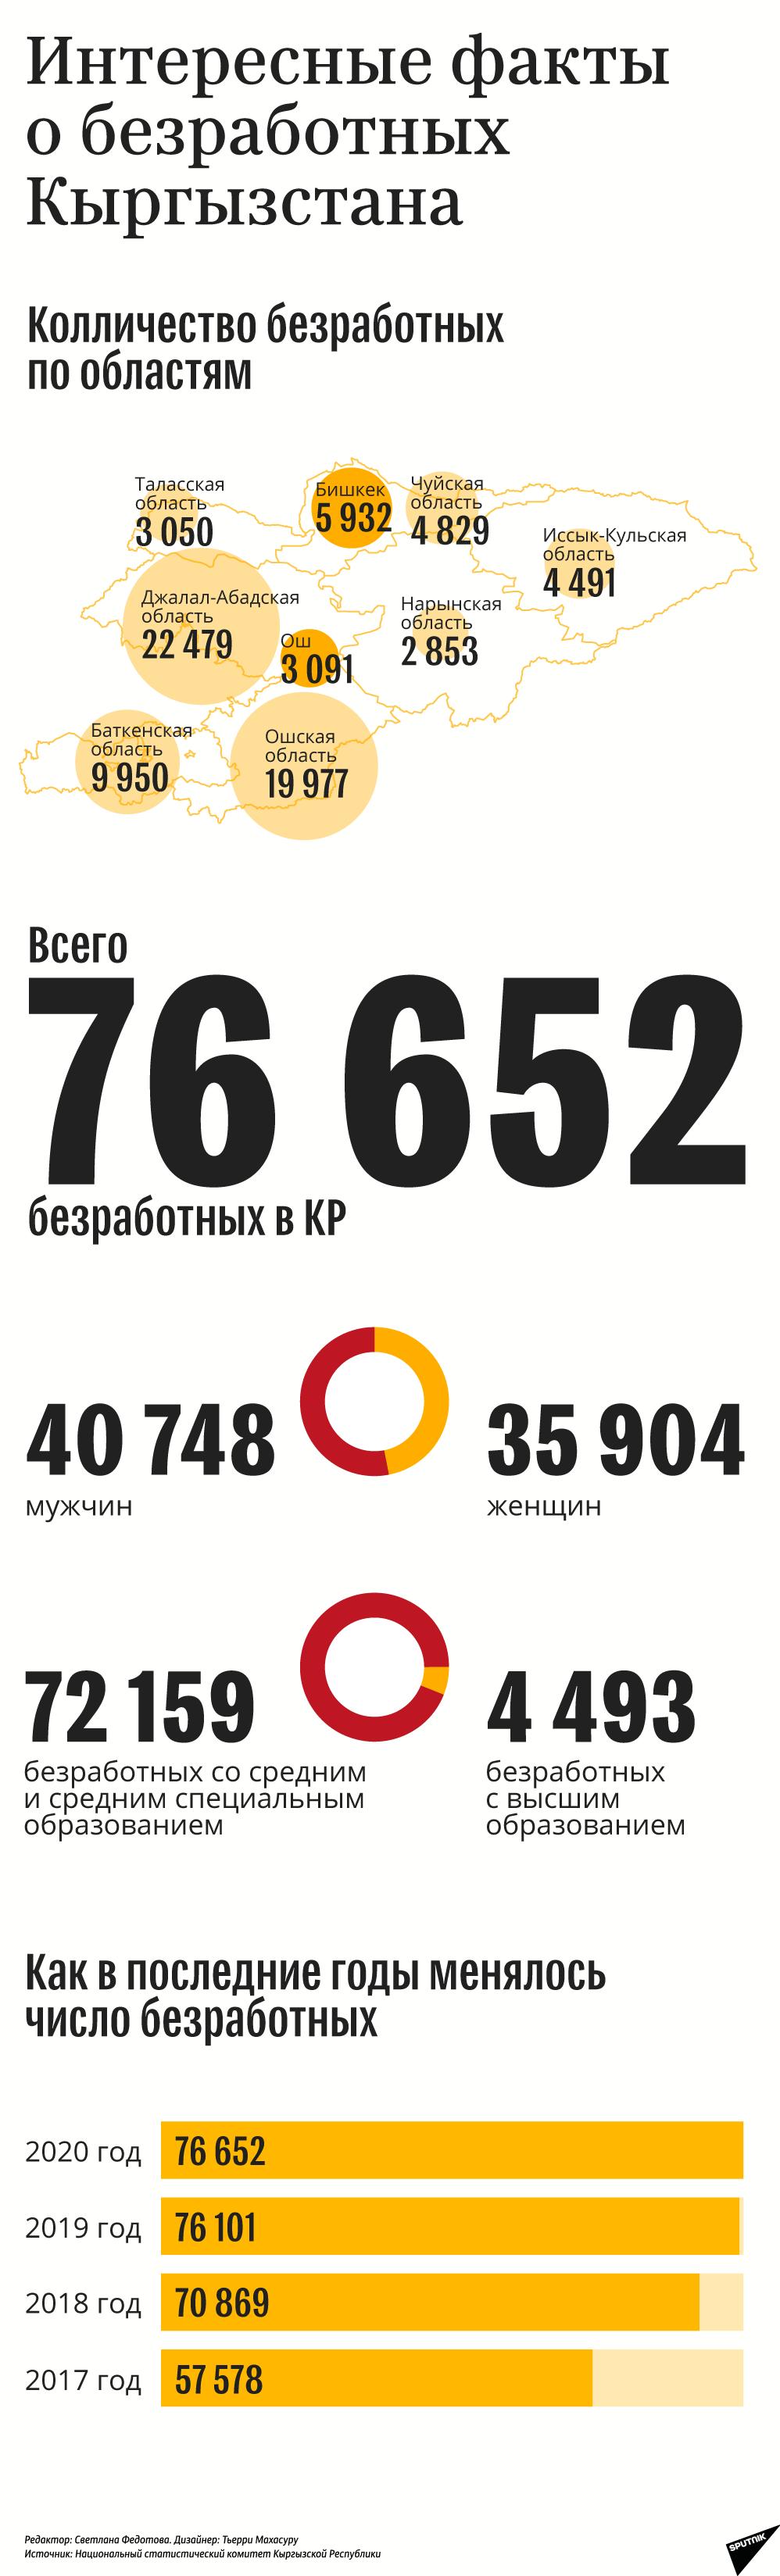 Интересные факты о безработных Кыргызстана